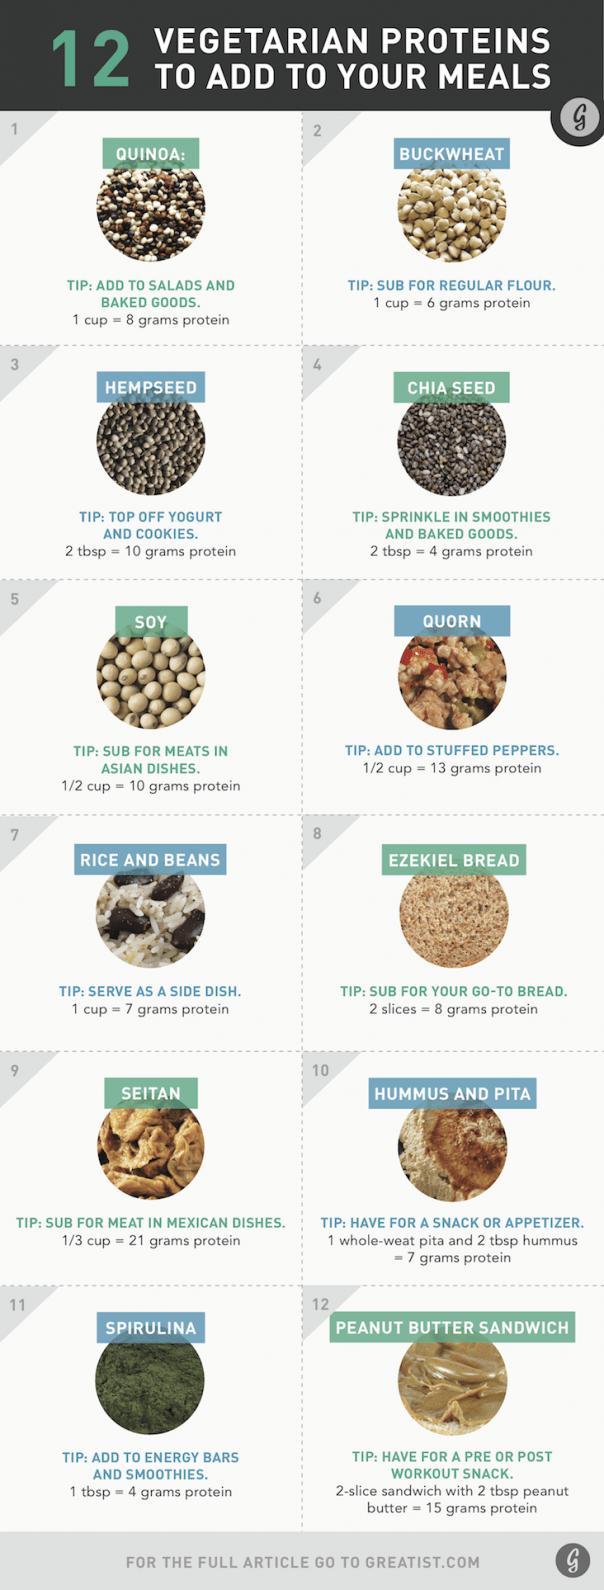 12_VegetarianProteins (1)_0